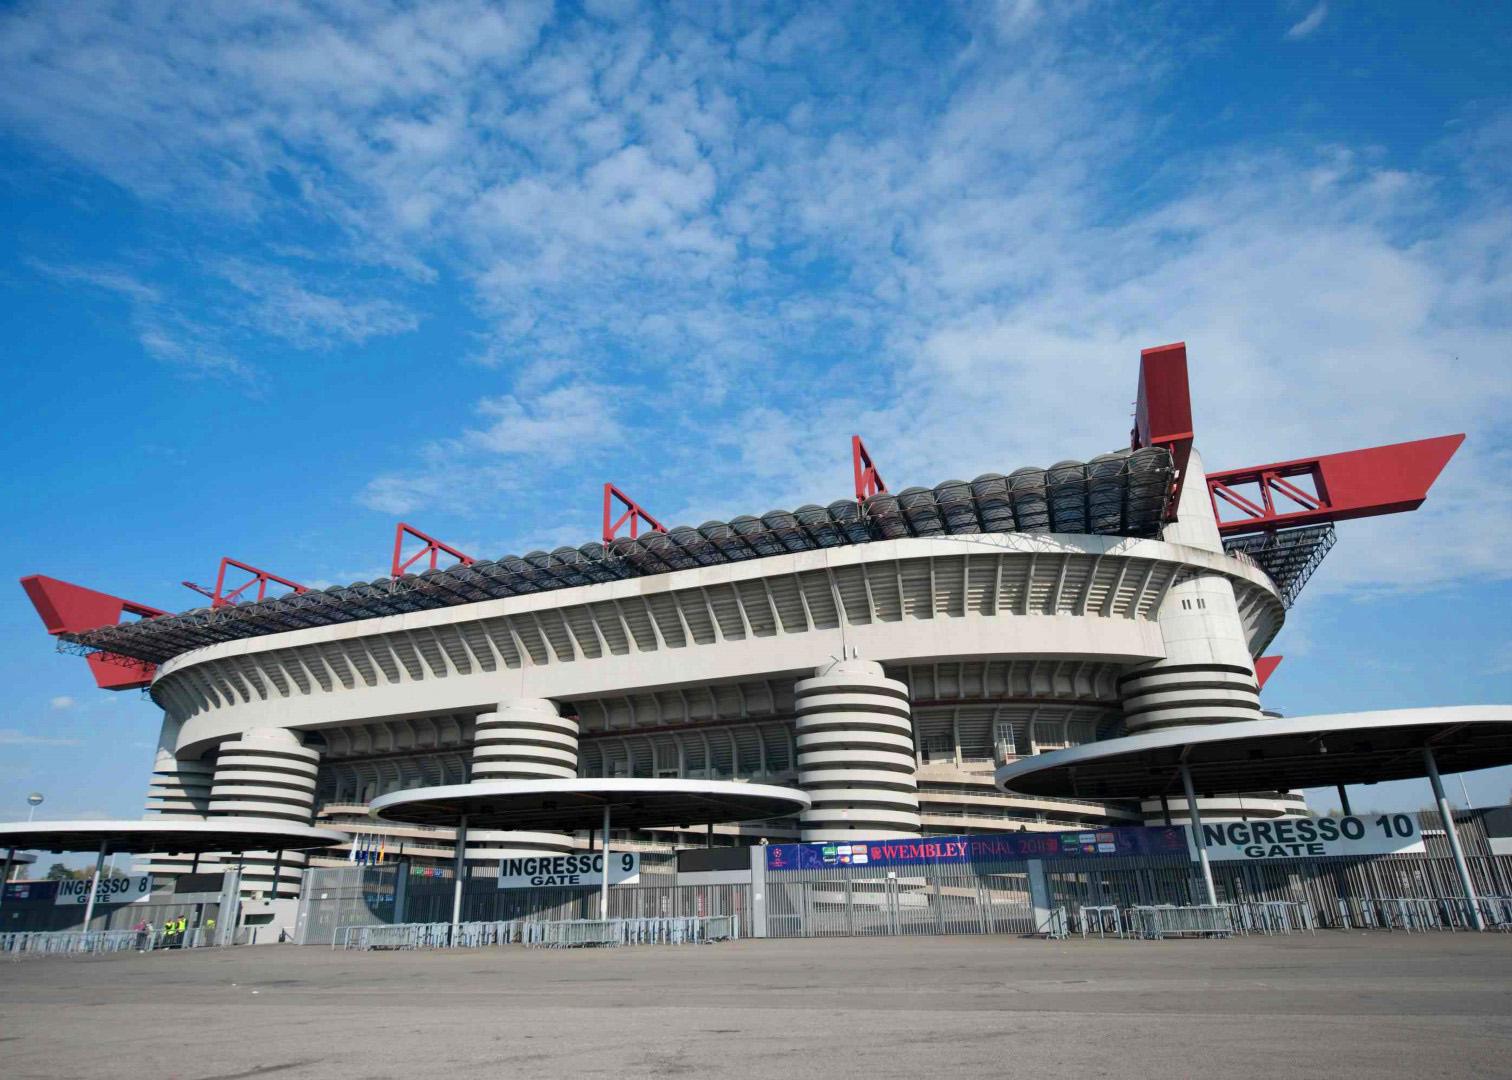 意大利 圣西羅球場及博物館參觀門票(ac/國際米蘭雙雄圖片